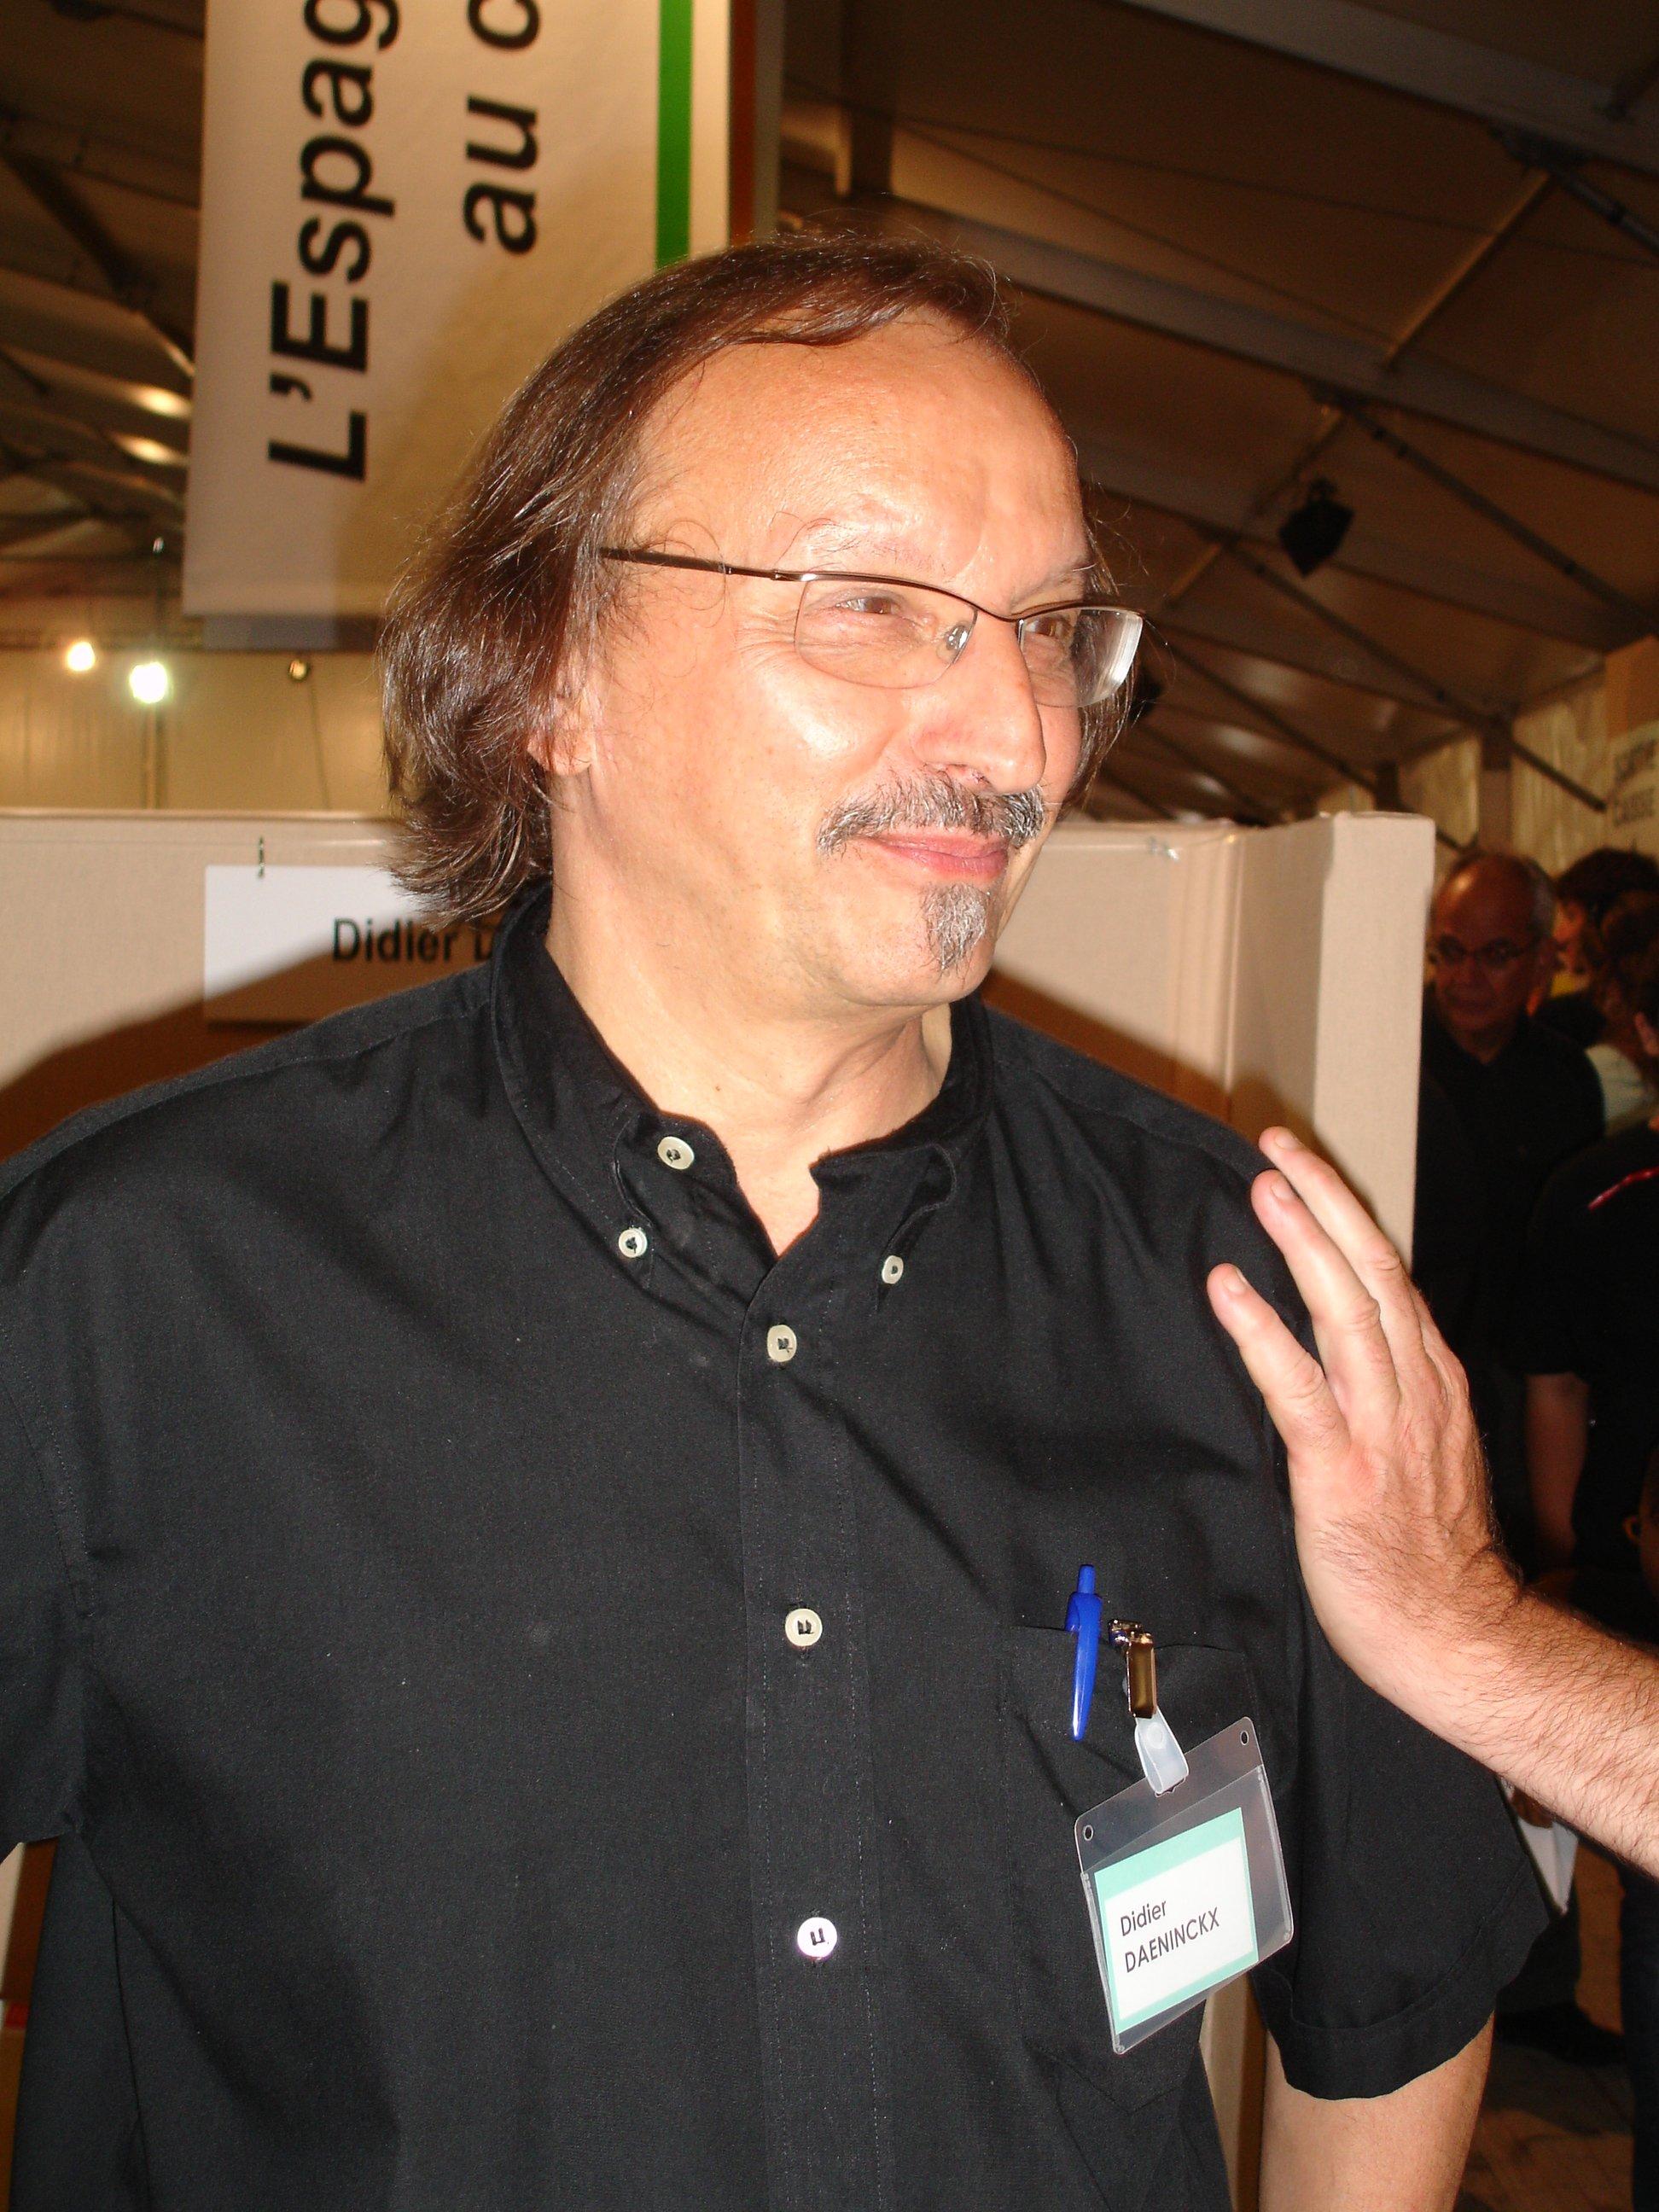 Didier Daeninckx at the [[Fête de l'Humanité